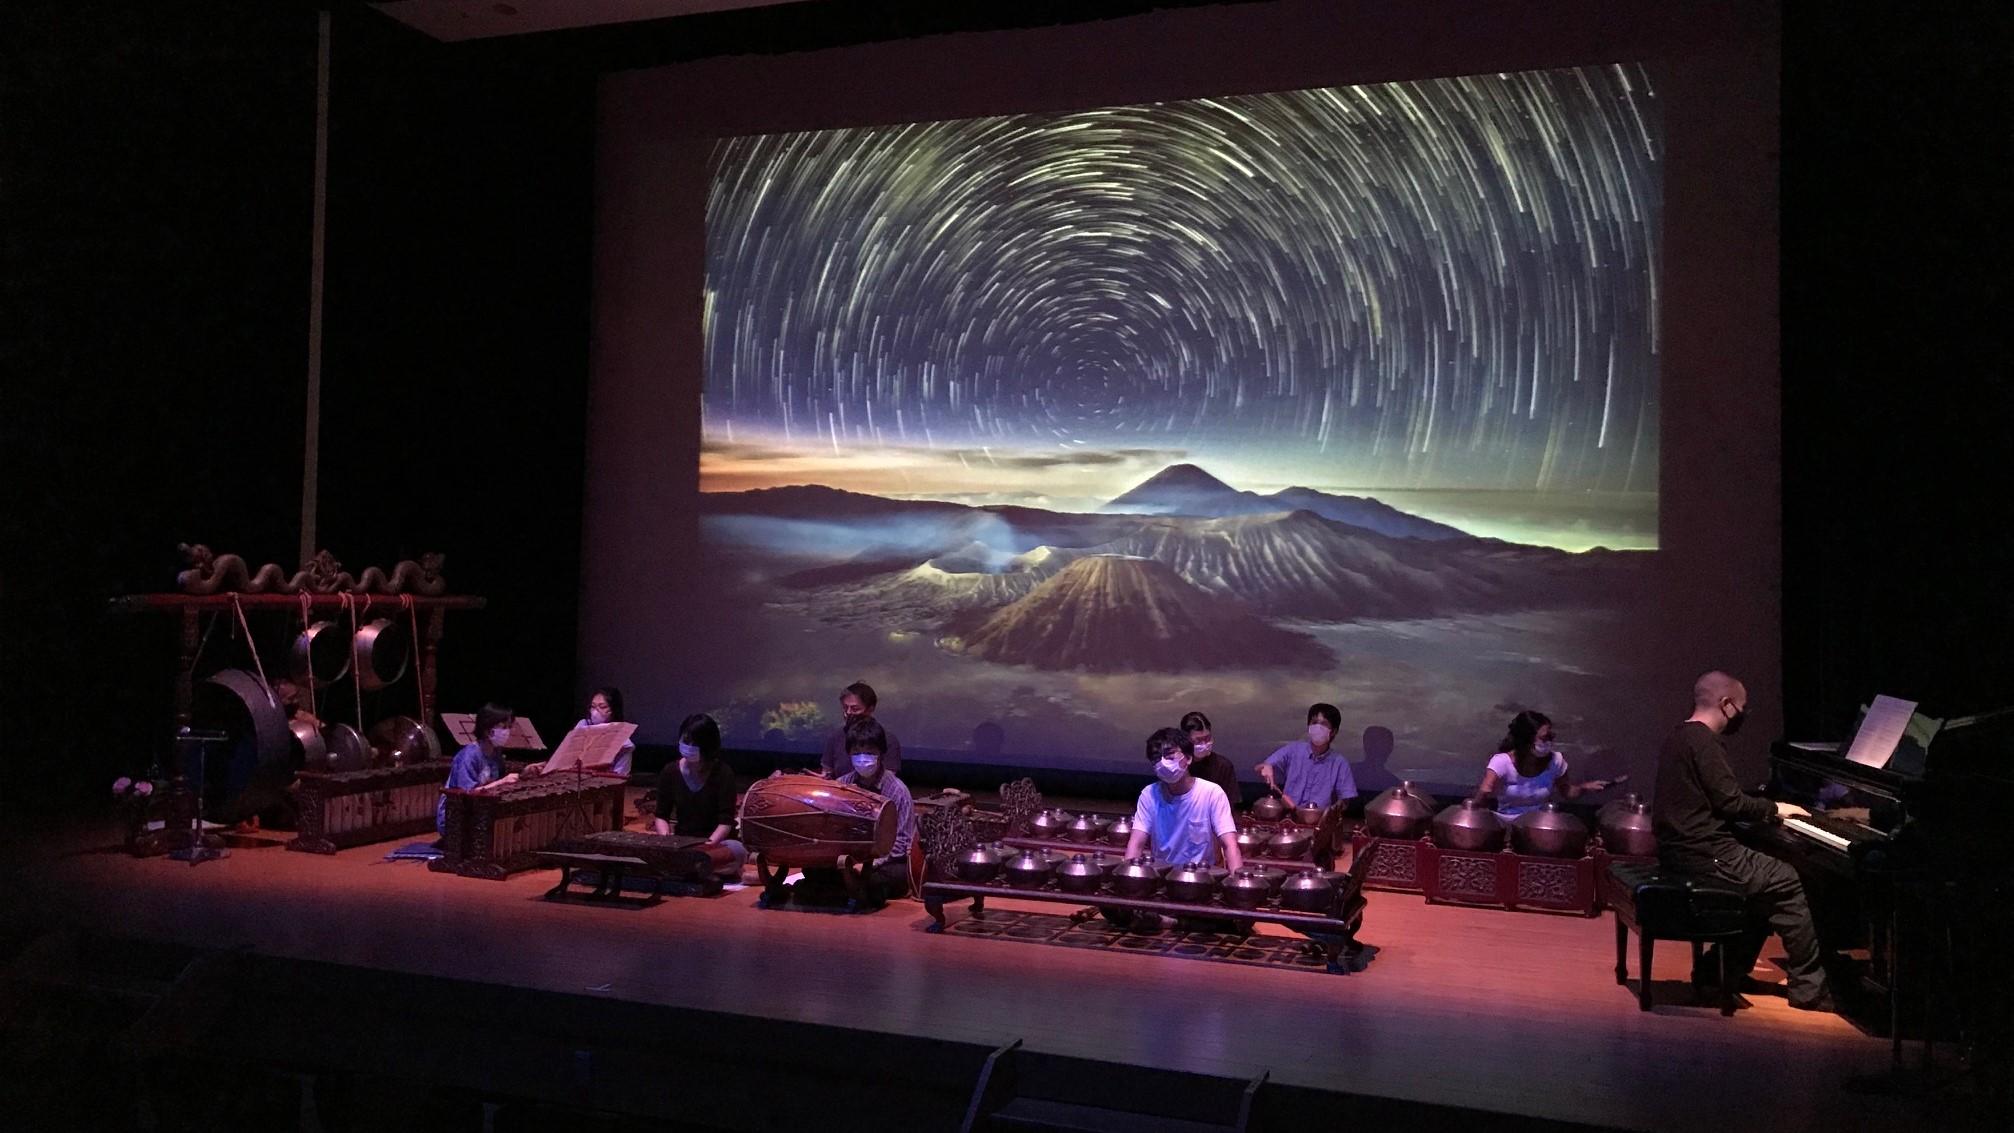 町田市の音楽イベントに、「東京音楽大学ジャワガムランオーケストラ」が出演しました